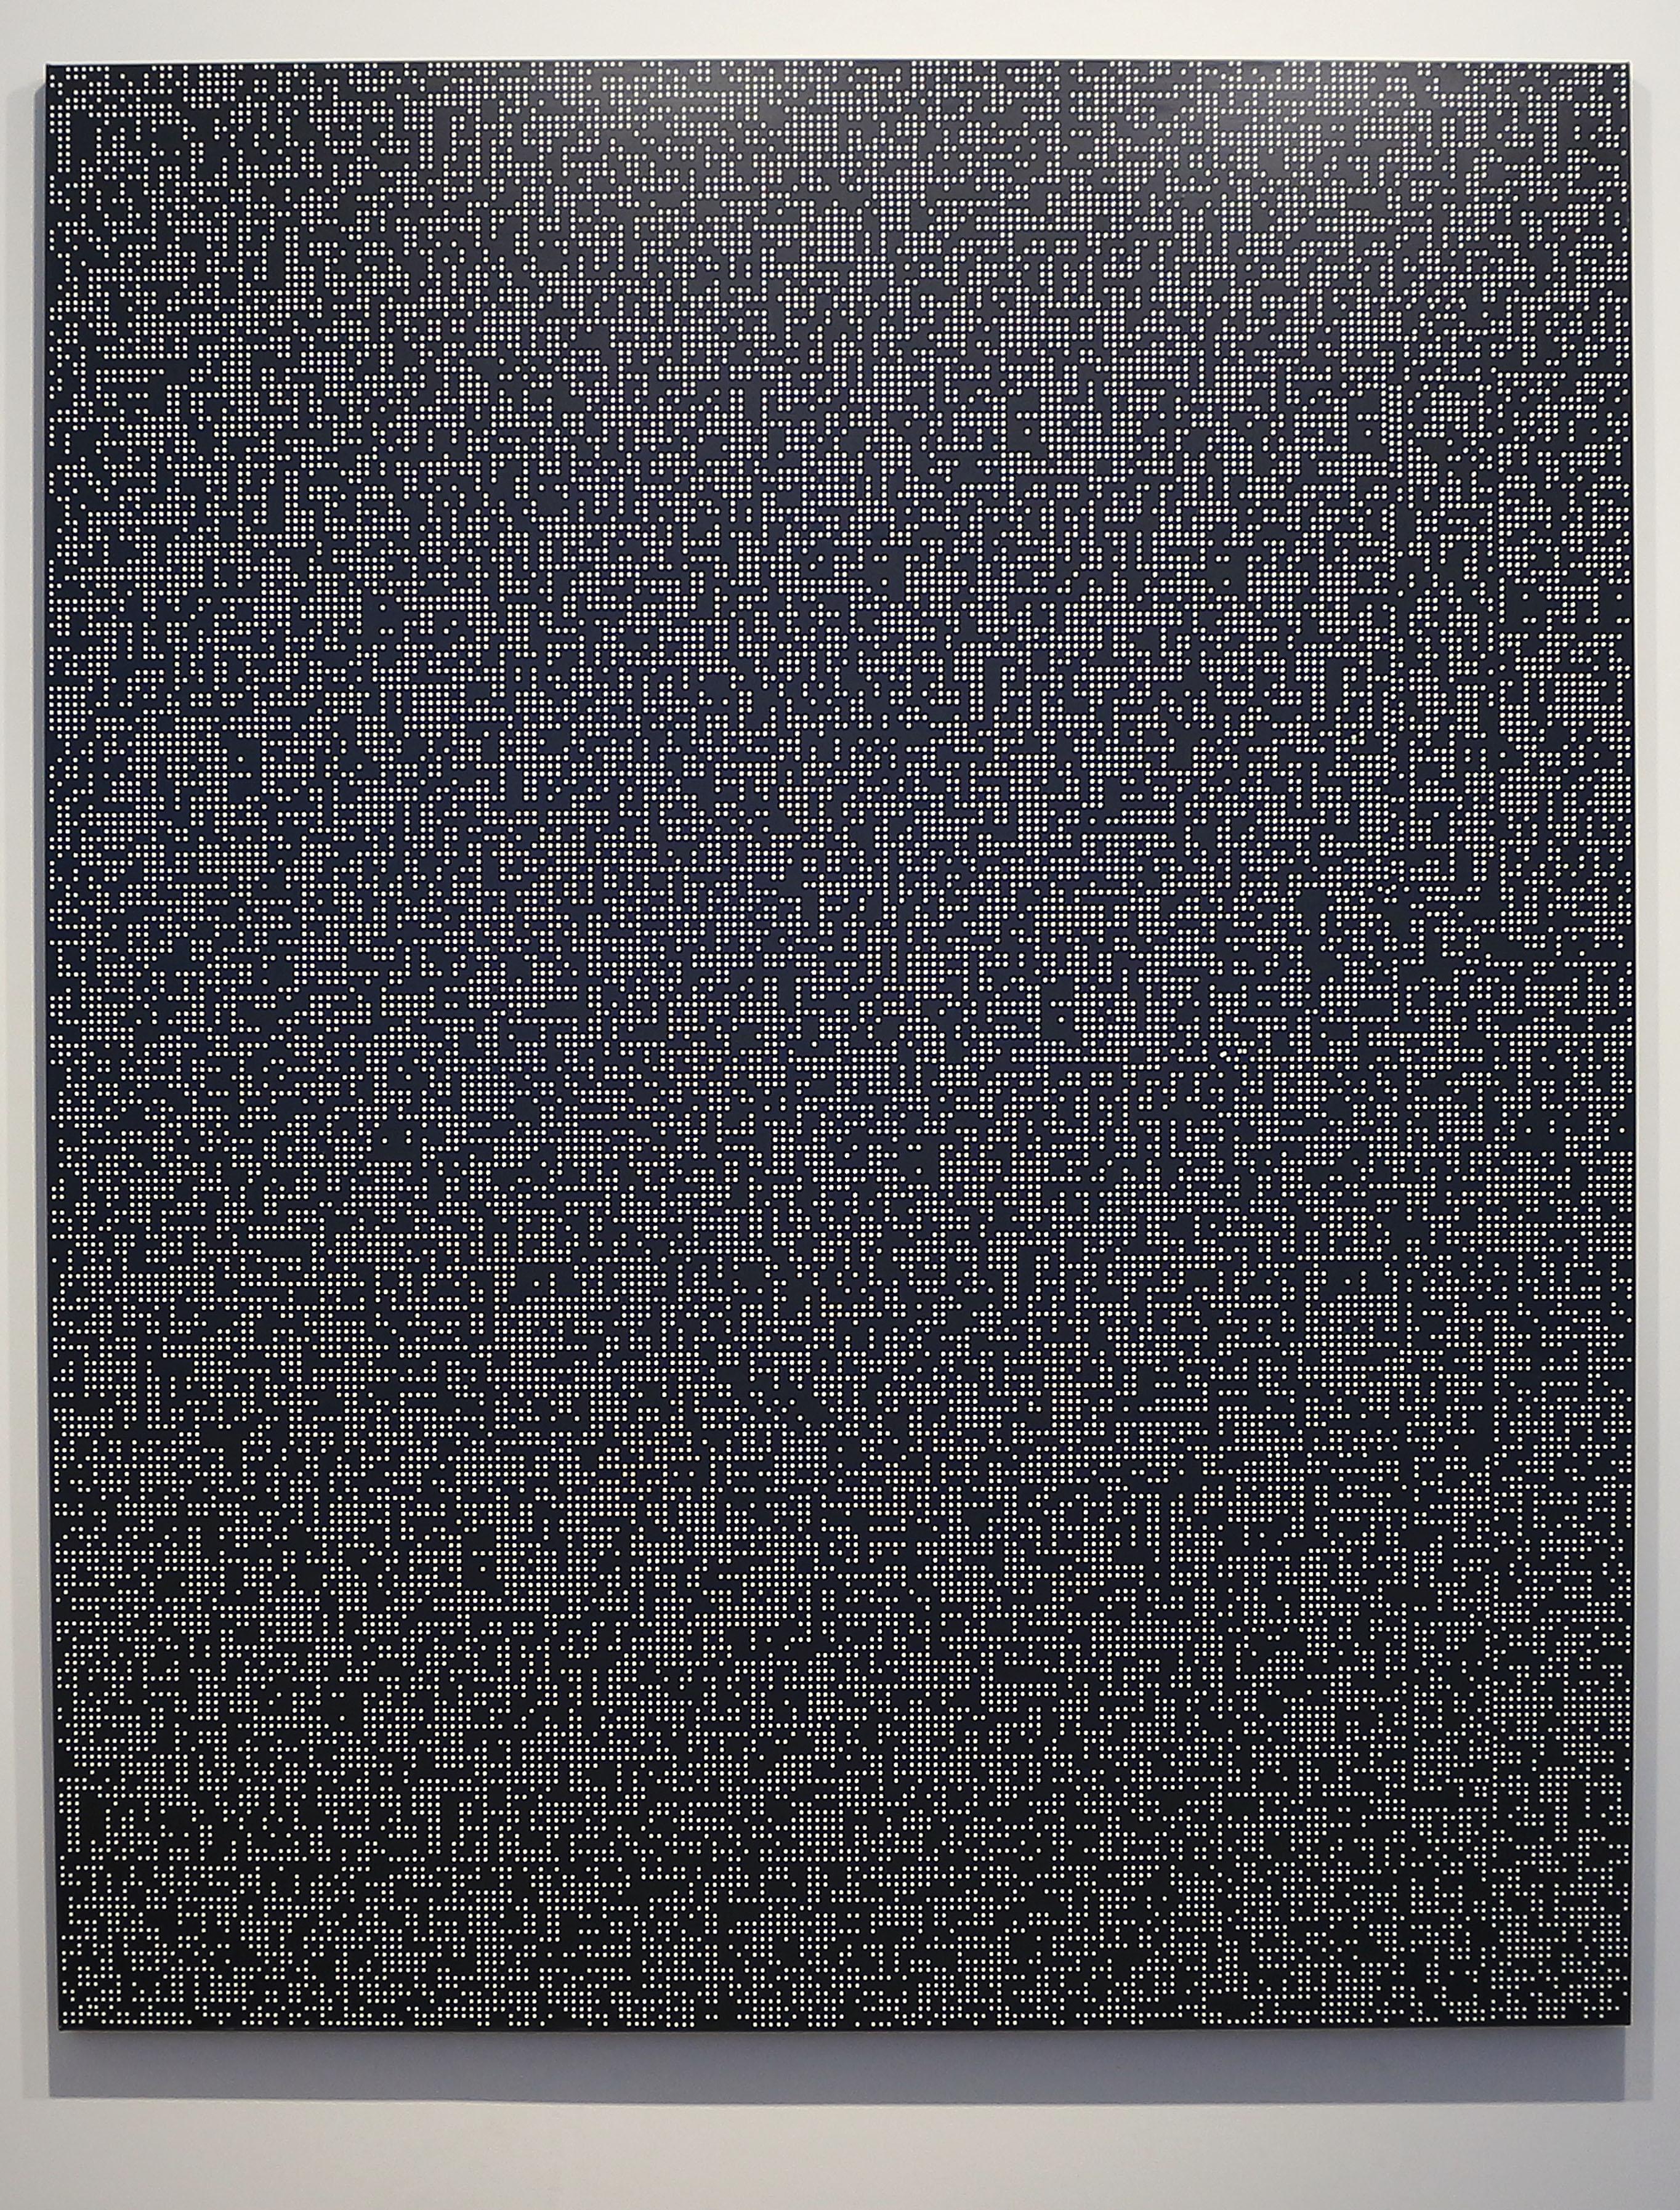 J. PARK_2016 Maze-201651245_Acrylic on canvas_162.2x130.3cm